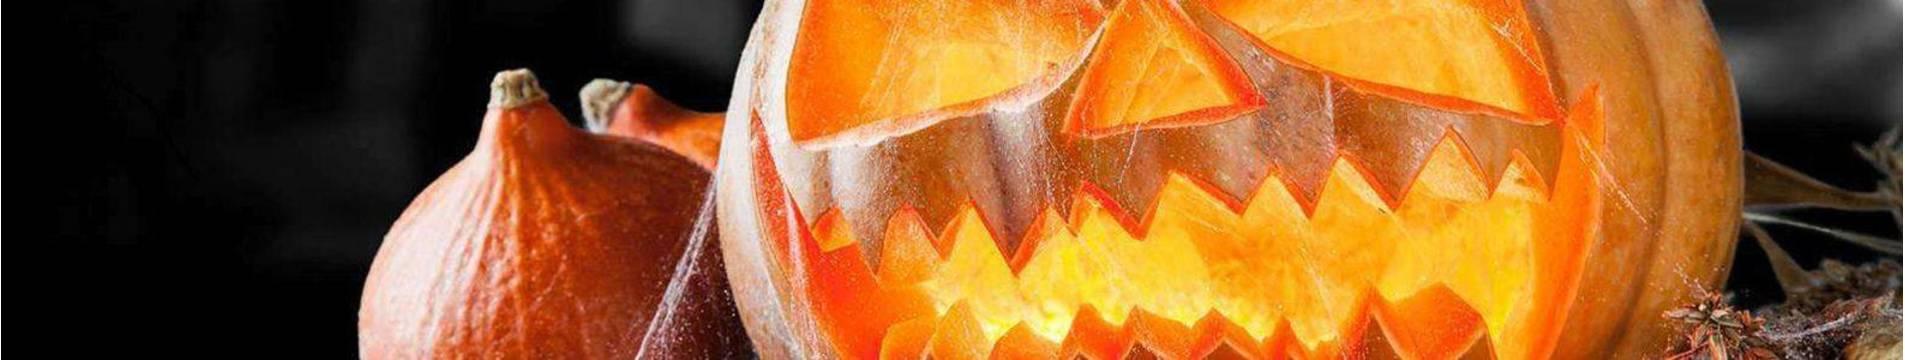 halloween-fancy-dress.jpg